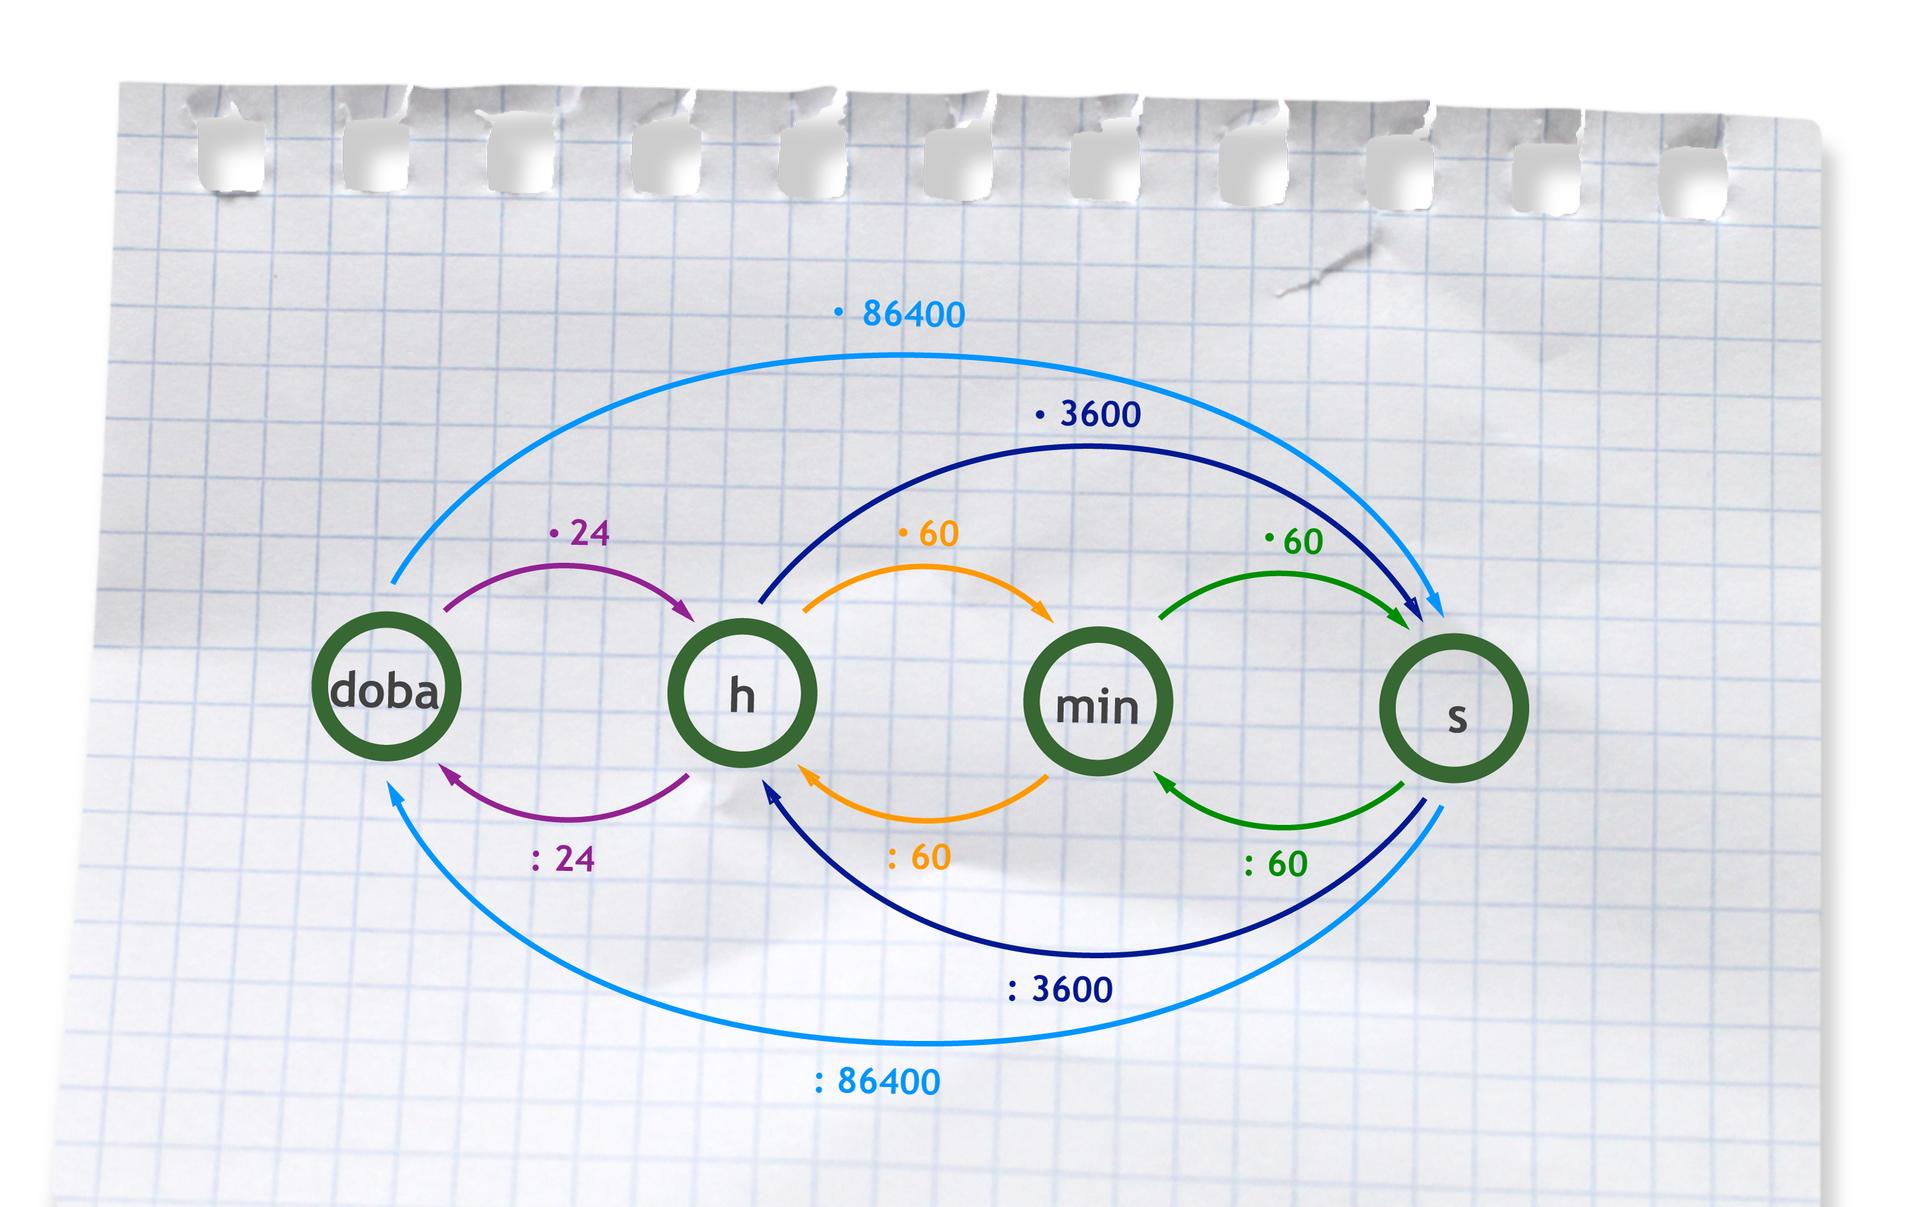 Graf przedstawia sposób przeliczania jednostek czasu. Zamieniając dobę na godziny mnożymy przez 24, godziny na minuty mnożymy przez 60, minuty na sekundy mnożymy przez 60, godziny na sekundy mnożymy przez 3600, dobę na sekundy mnożymy przez 86400. Zamieniając sekundy na minuty dzielimy przez 60, minuty na godziny dzielimy przez 60, sekundy na godziny dzielimy przez 3600, godziny na dobę dzielimy przez 24, sekundy na dobę dzielimy przez 86400.